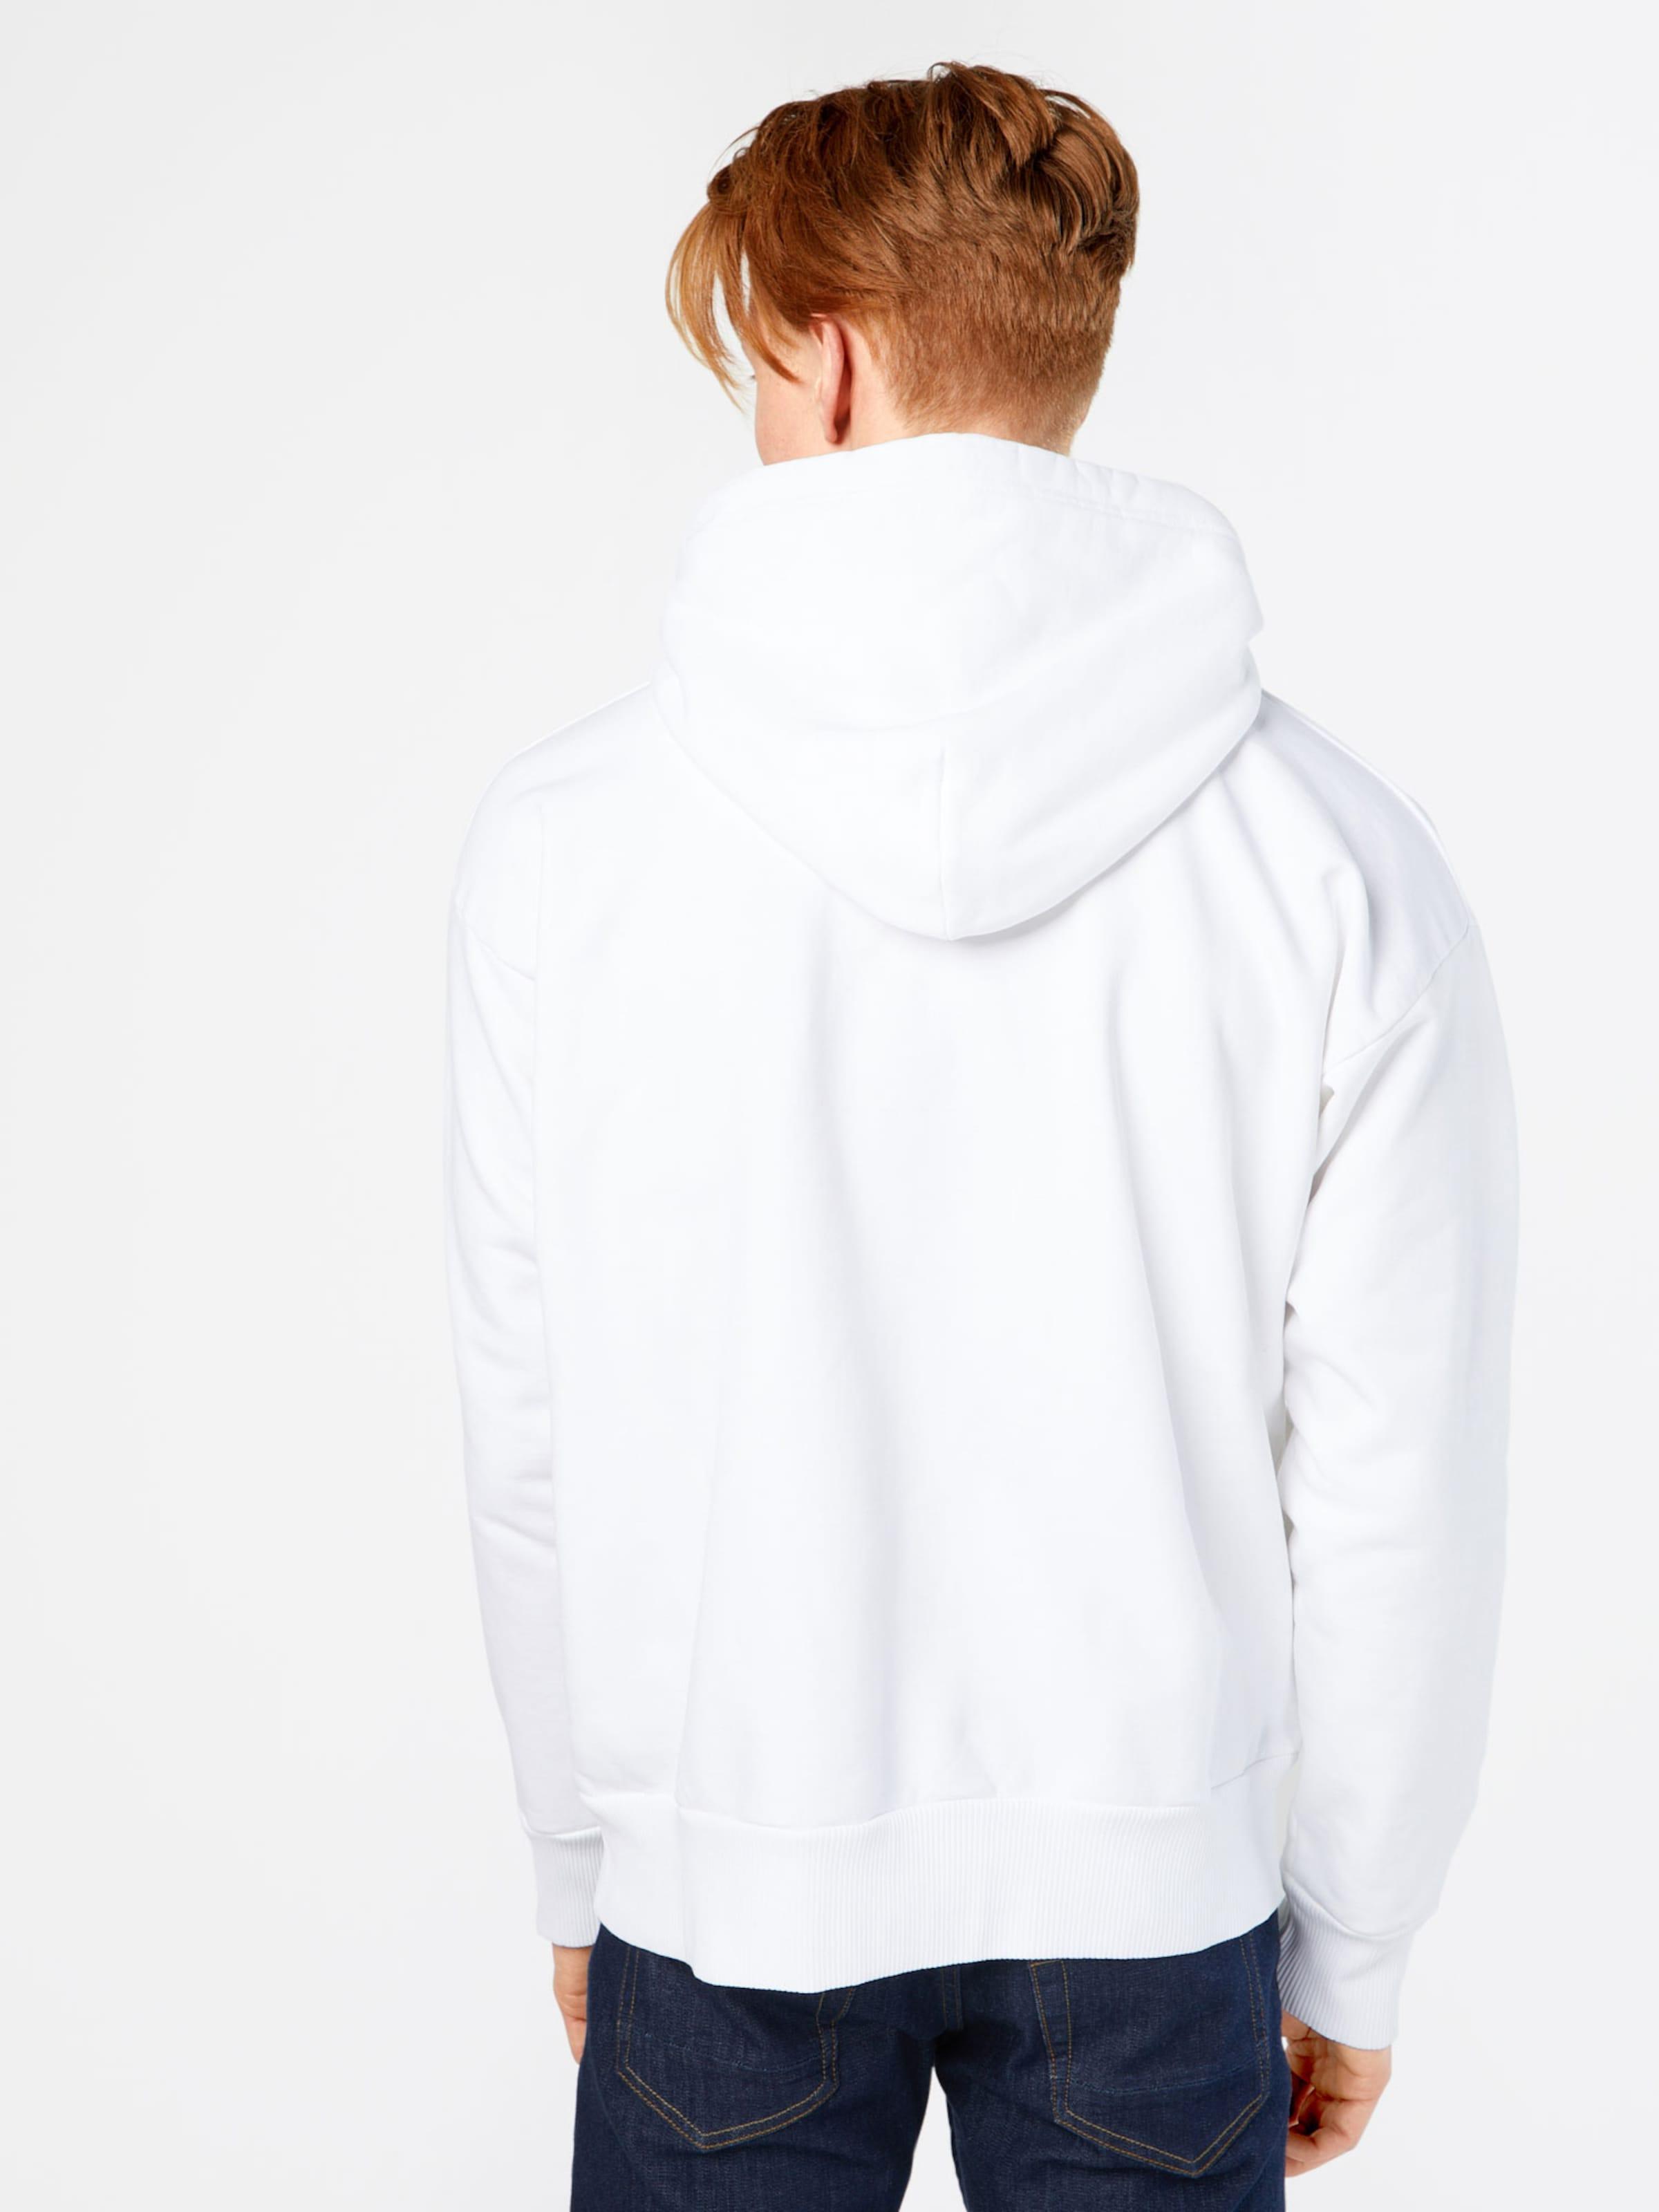 DIESEL Sweatshirt 'S-ALBY' Billig Verkaufen Günstigsten Preis Gut Verkaufen Bestseller Verkauf Online Versand Outlet-Store Online Online-Shopping Mit Mastercard L6L5zL3JO